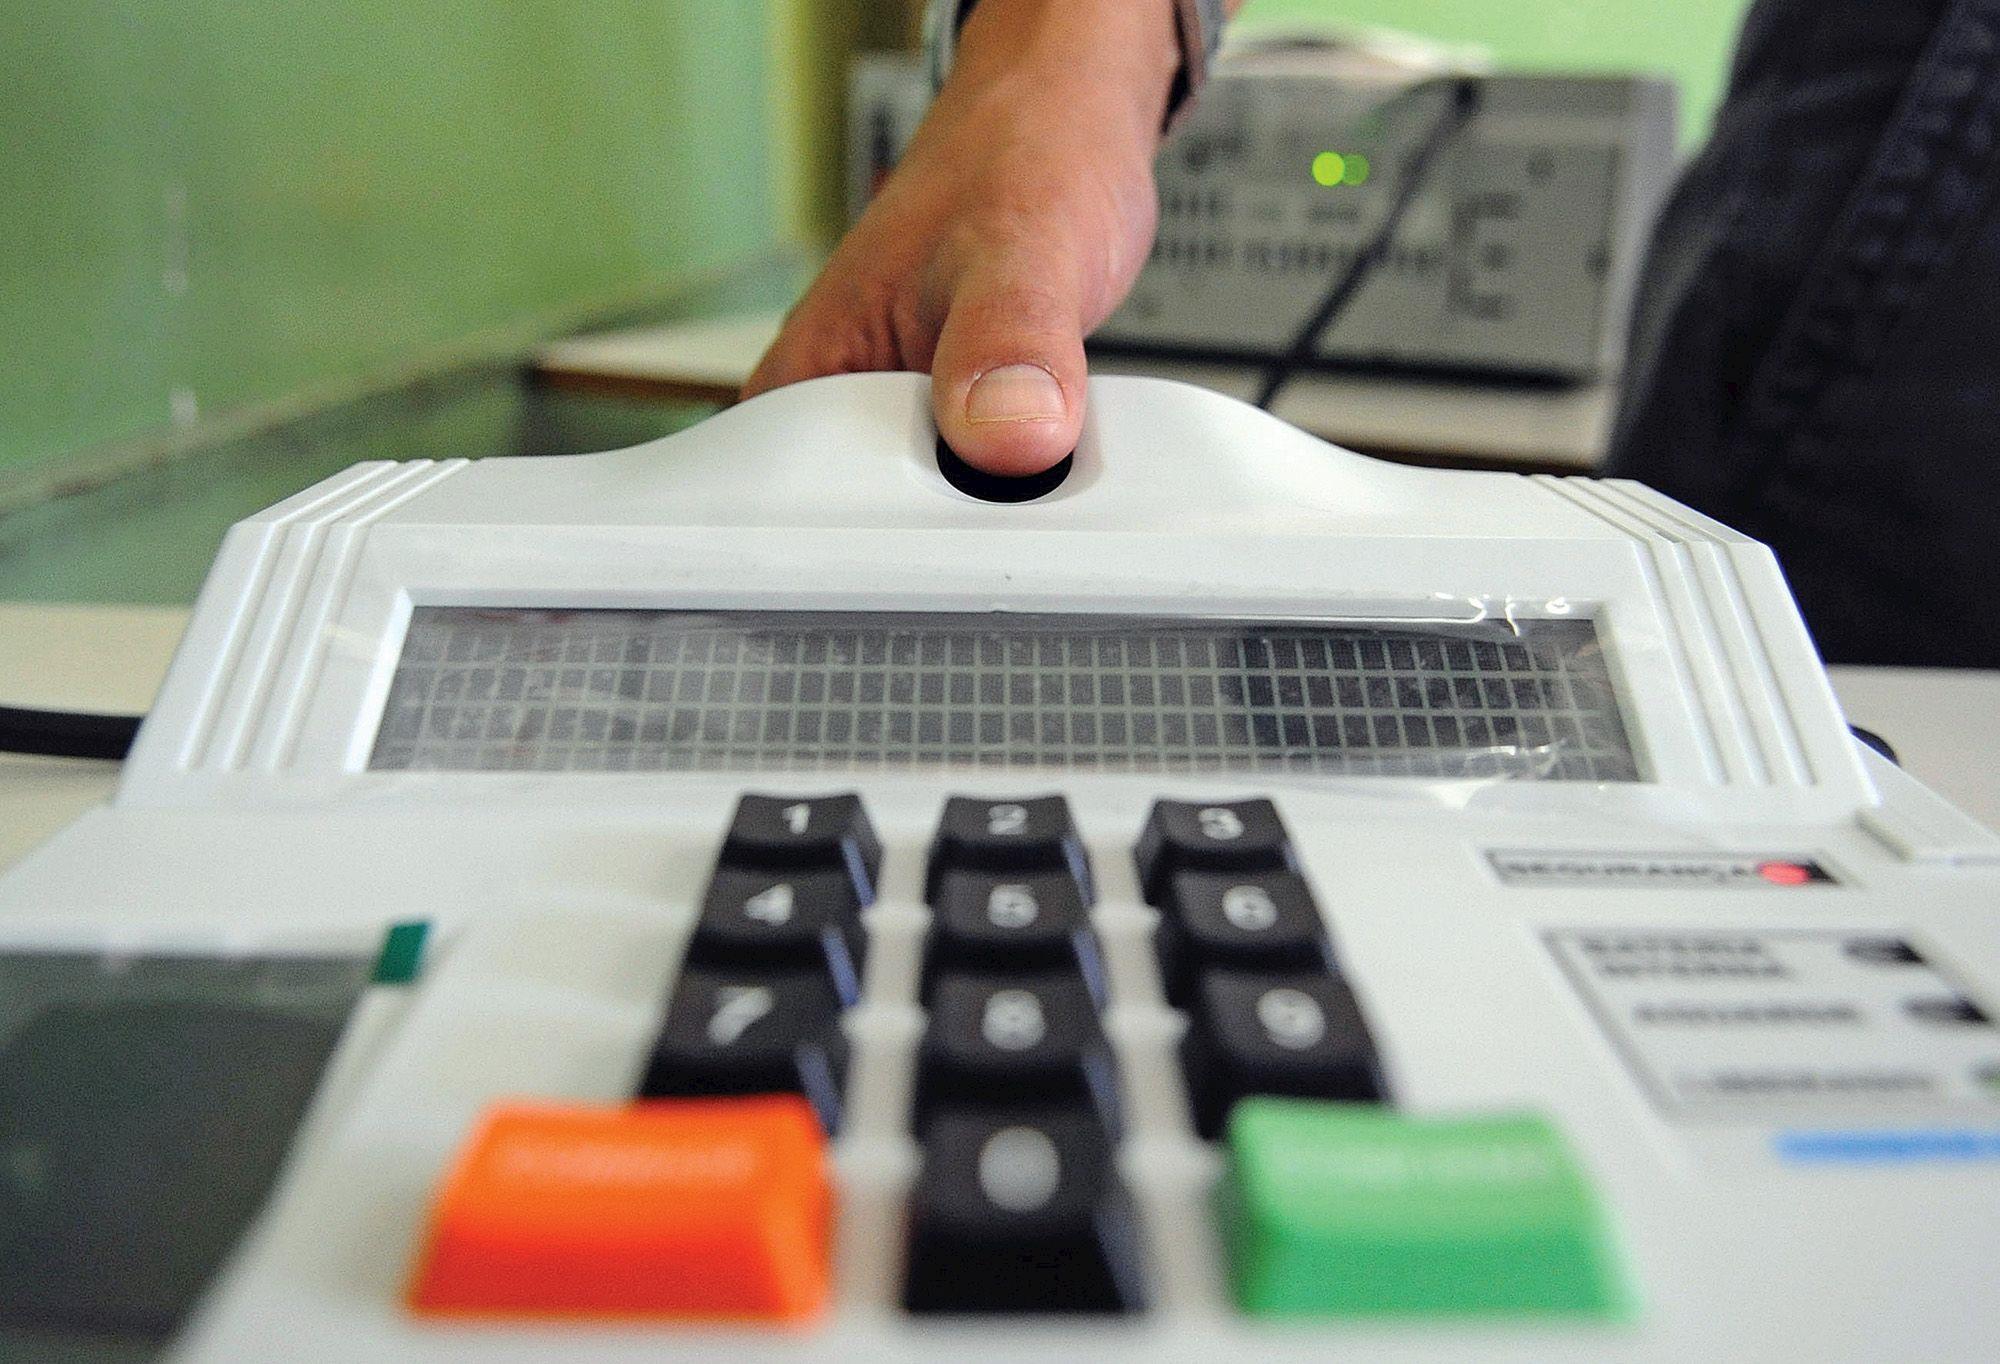 biometria, eleição, sorocaba, Wilson Dias/ABR